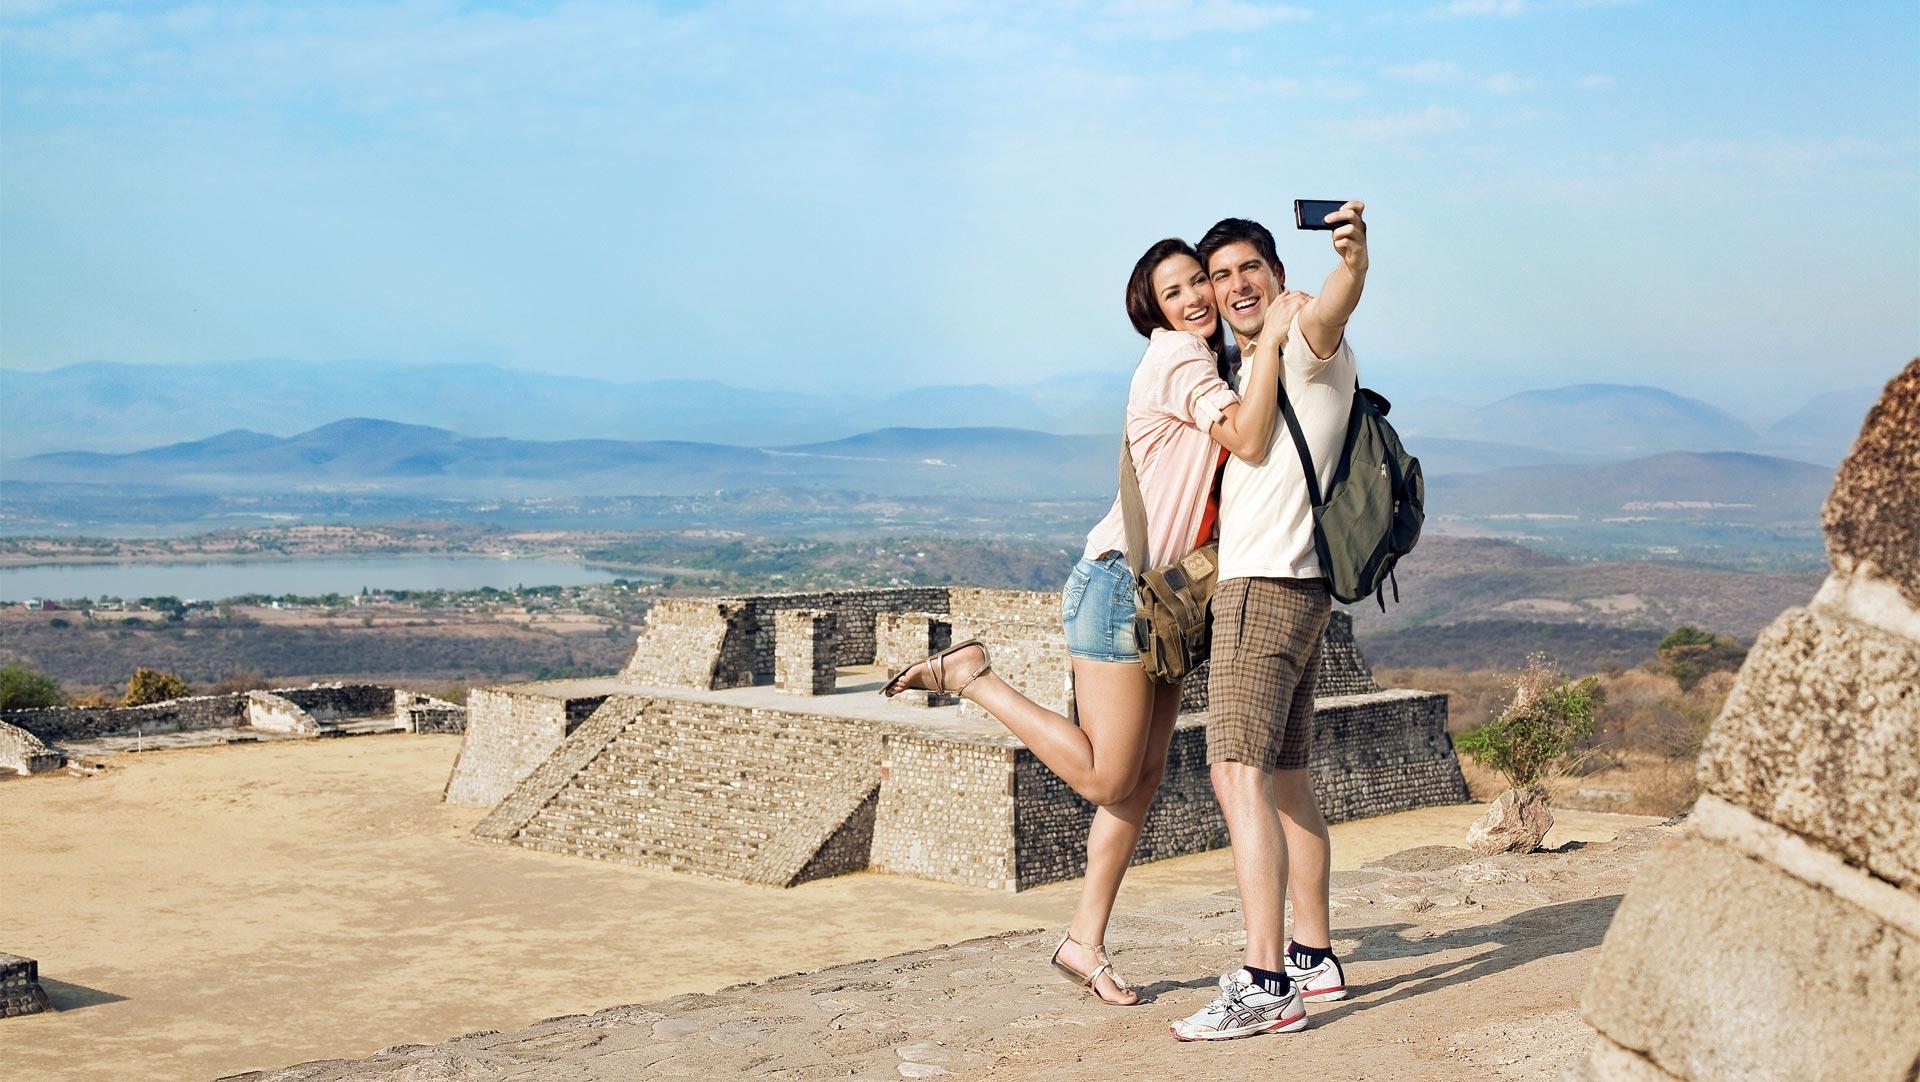 sector turístico en 2014